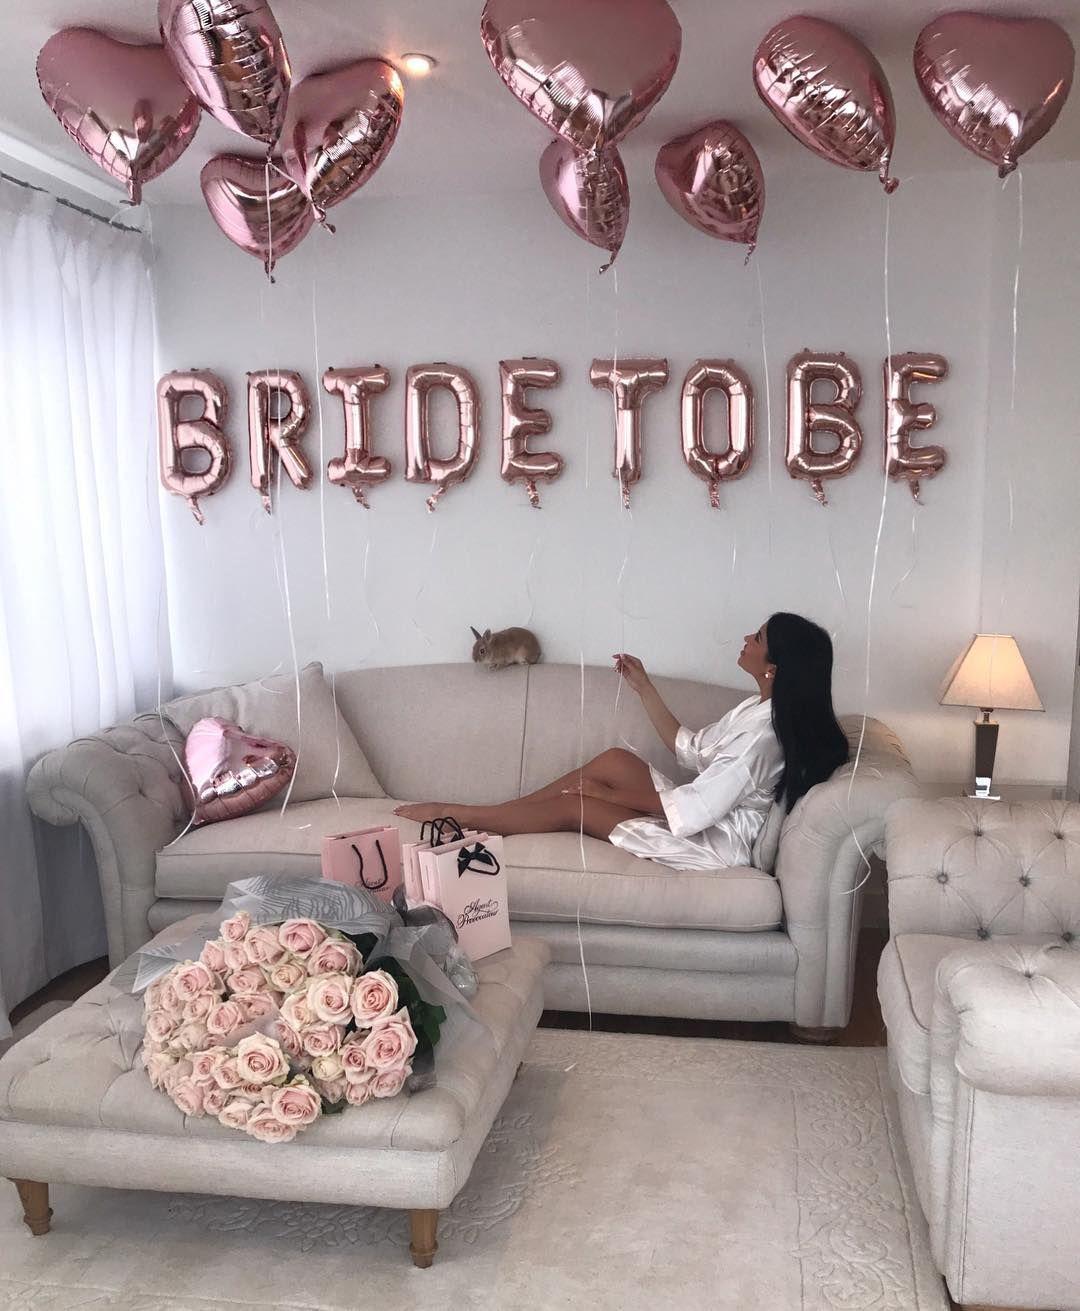 Living room decor| Letter balloons| Wedding ideas| bachelorette ...